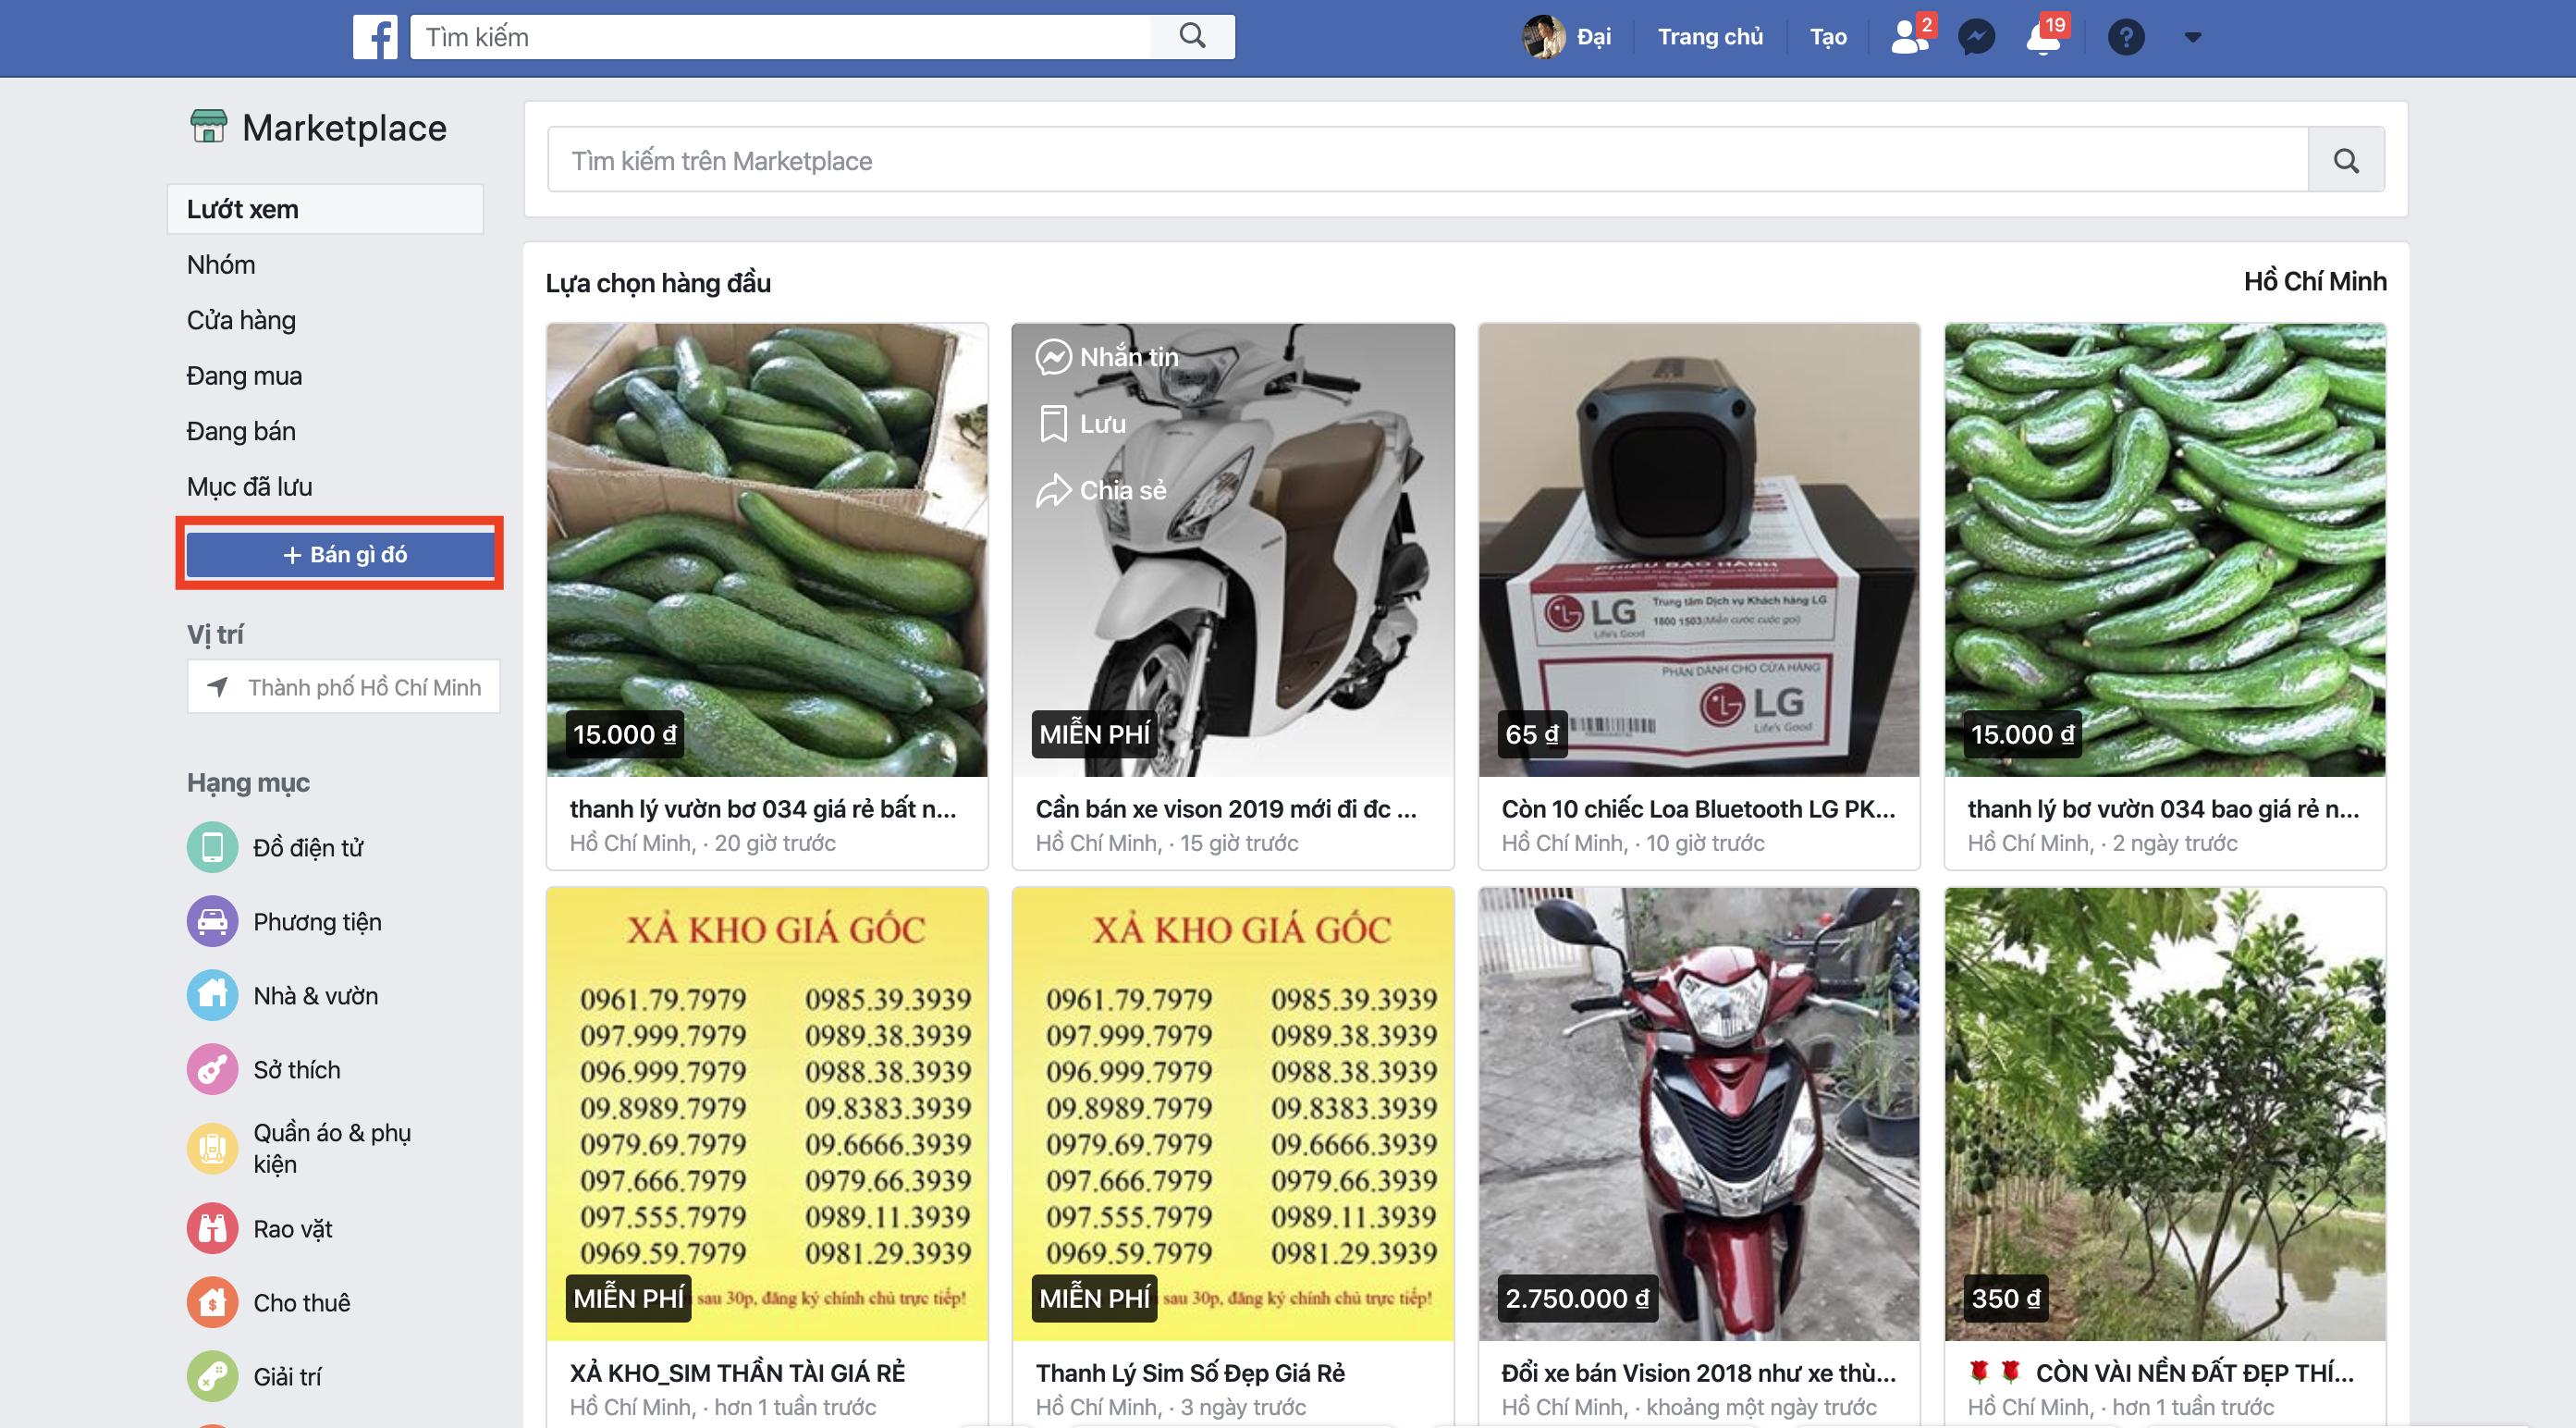 Hướng dẫn chi tiết cách đăng bài bán hàng ở Facebook Marketpalce trên điện thoại và máy tính 2